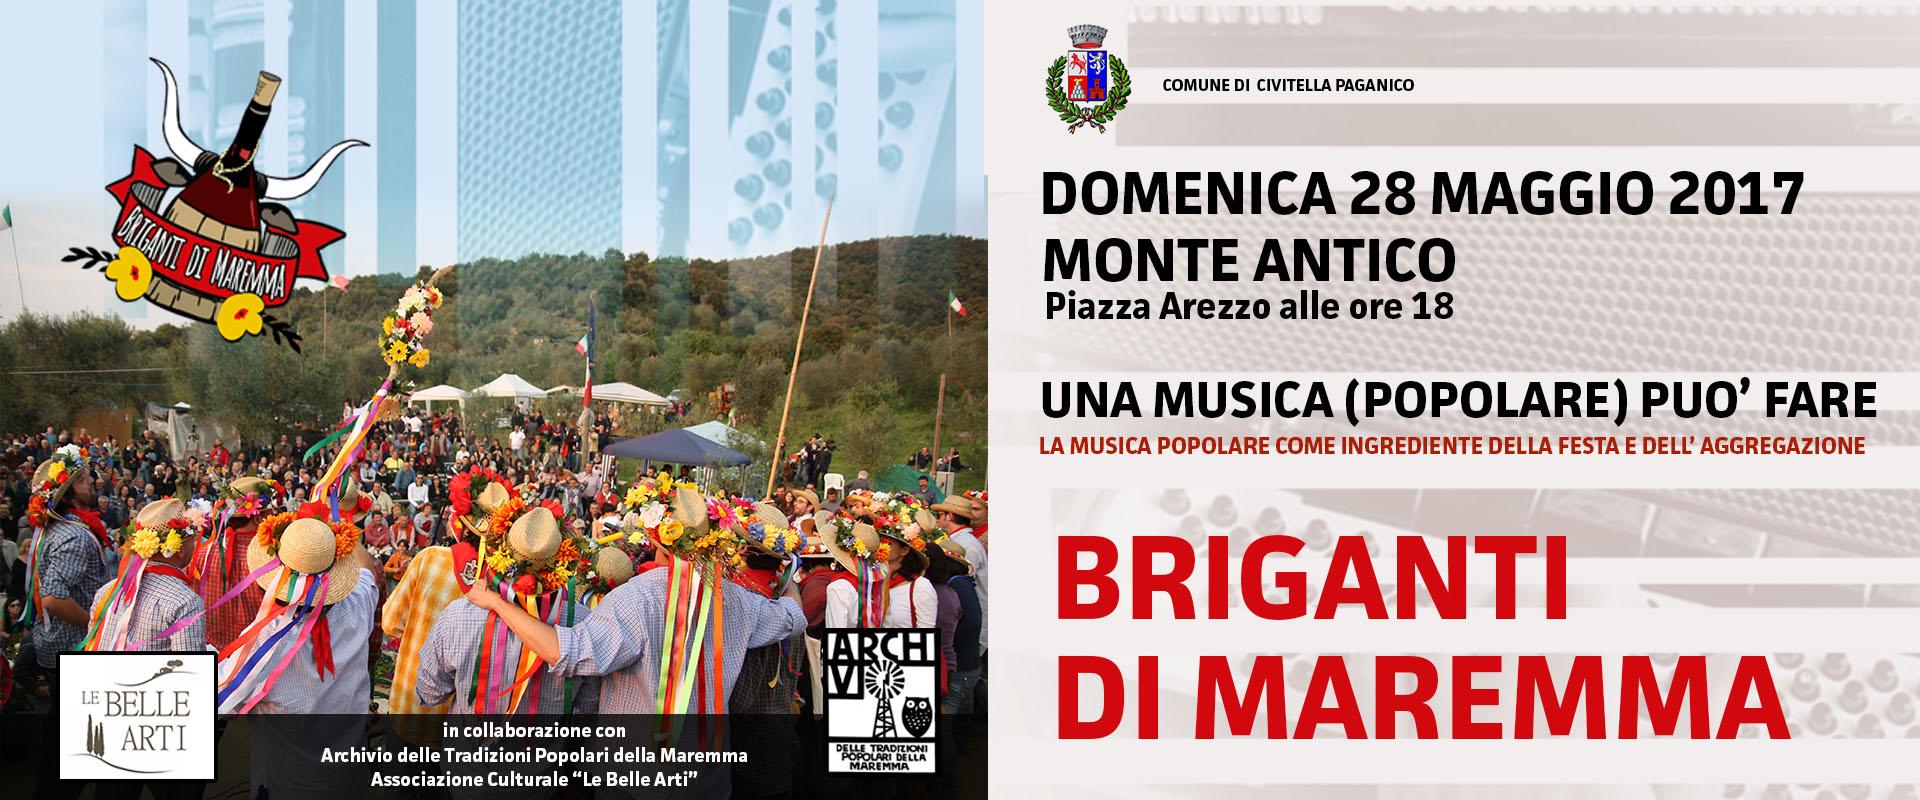 banner Monte antico_briganti_di_maremma_800